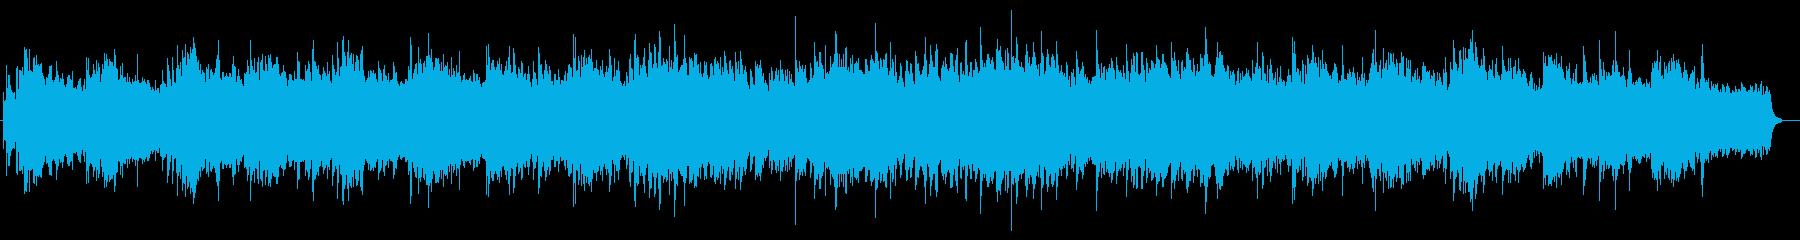 水っぽいエレピとシンセのBGMの再生済みの波形